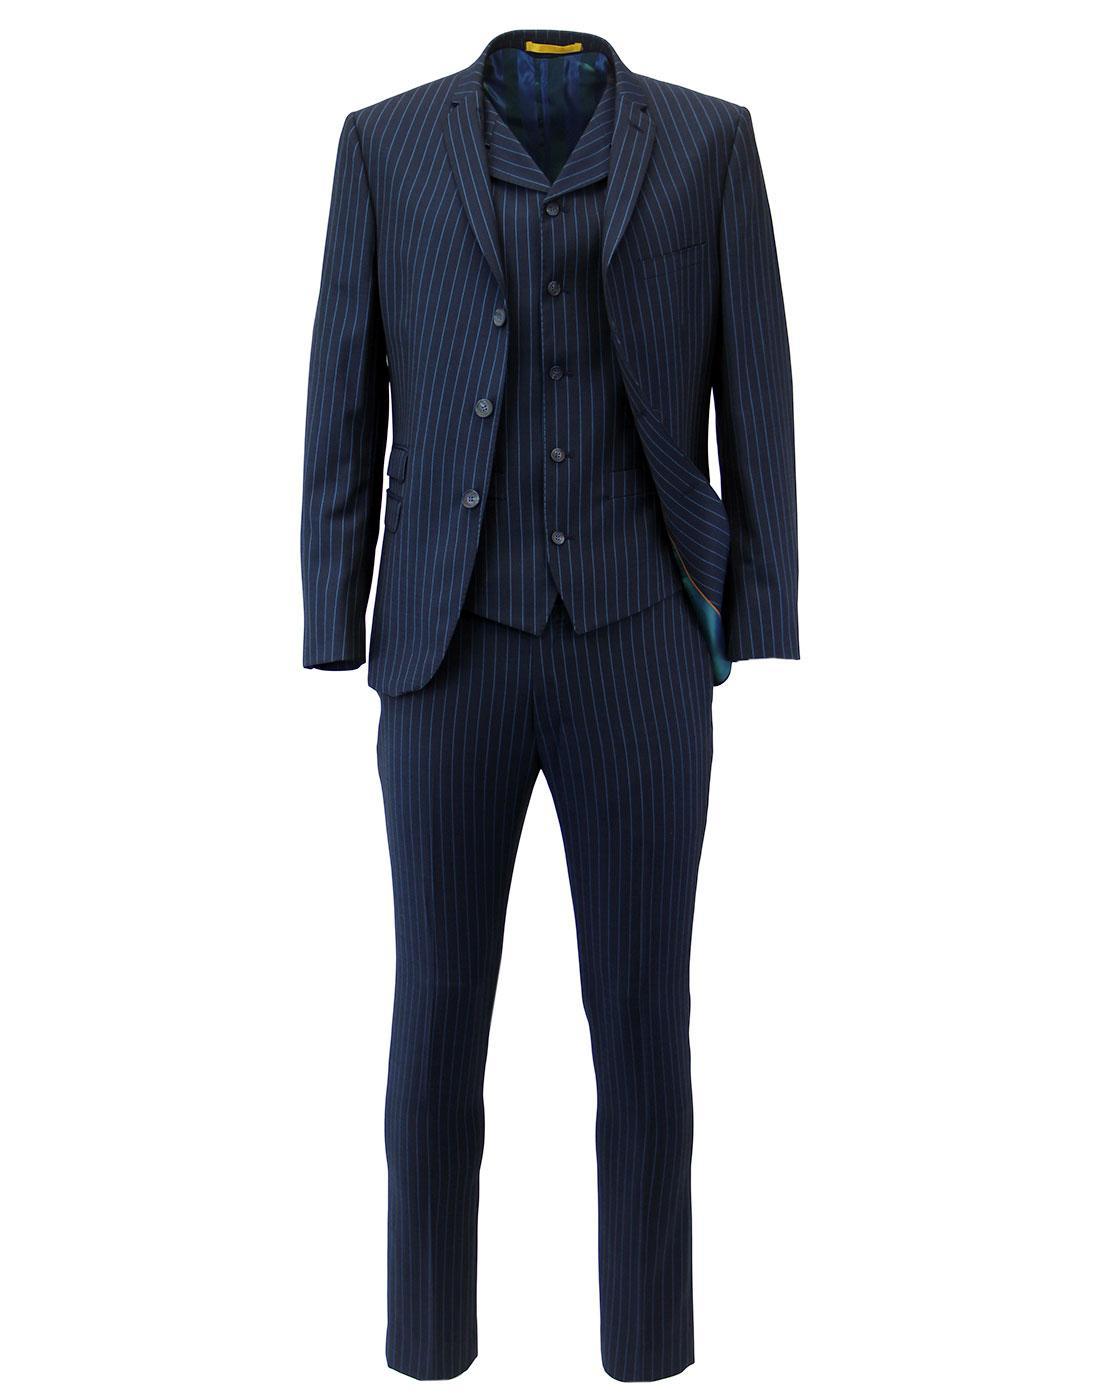 Madcap Retro Mod 3 Button Electric Pinstripe Suit